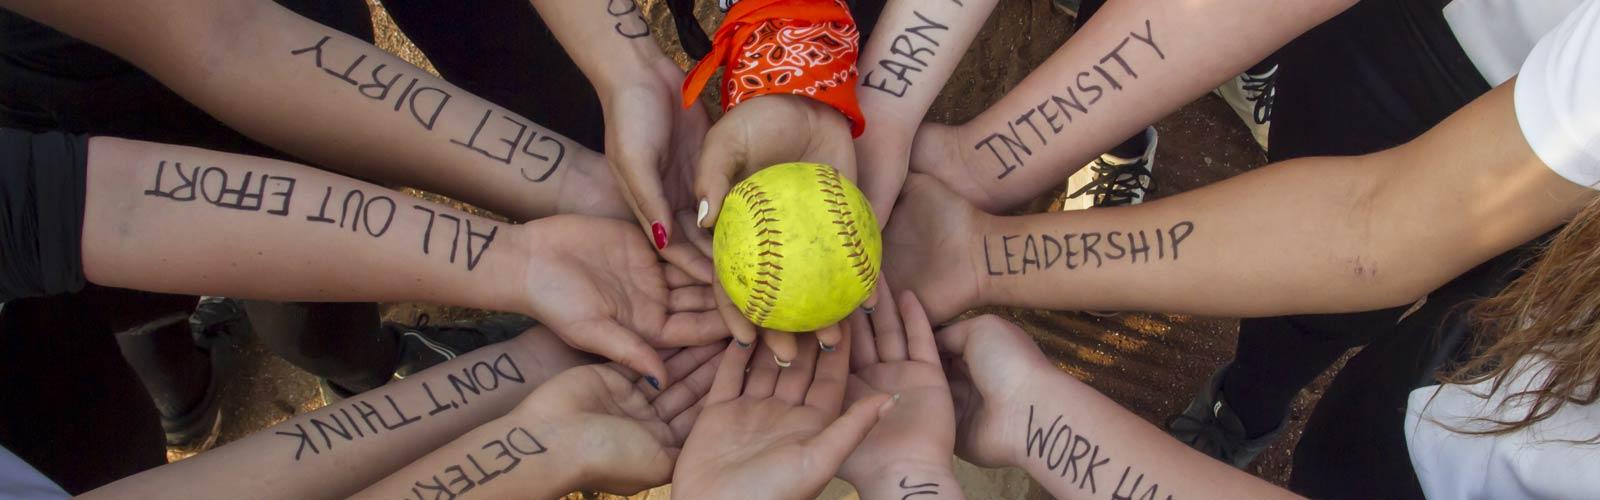 softball team leadership